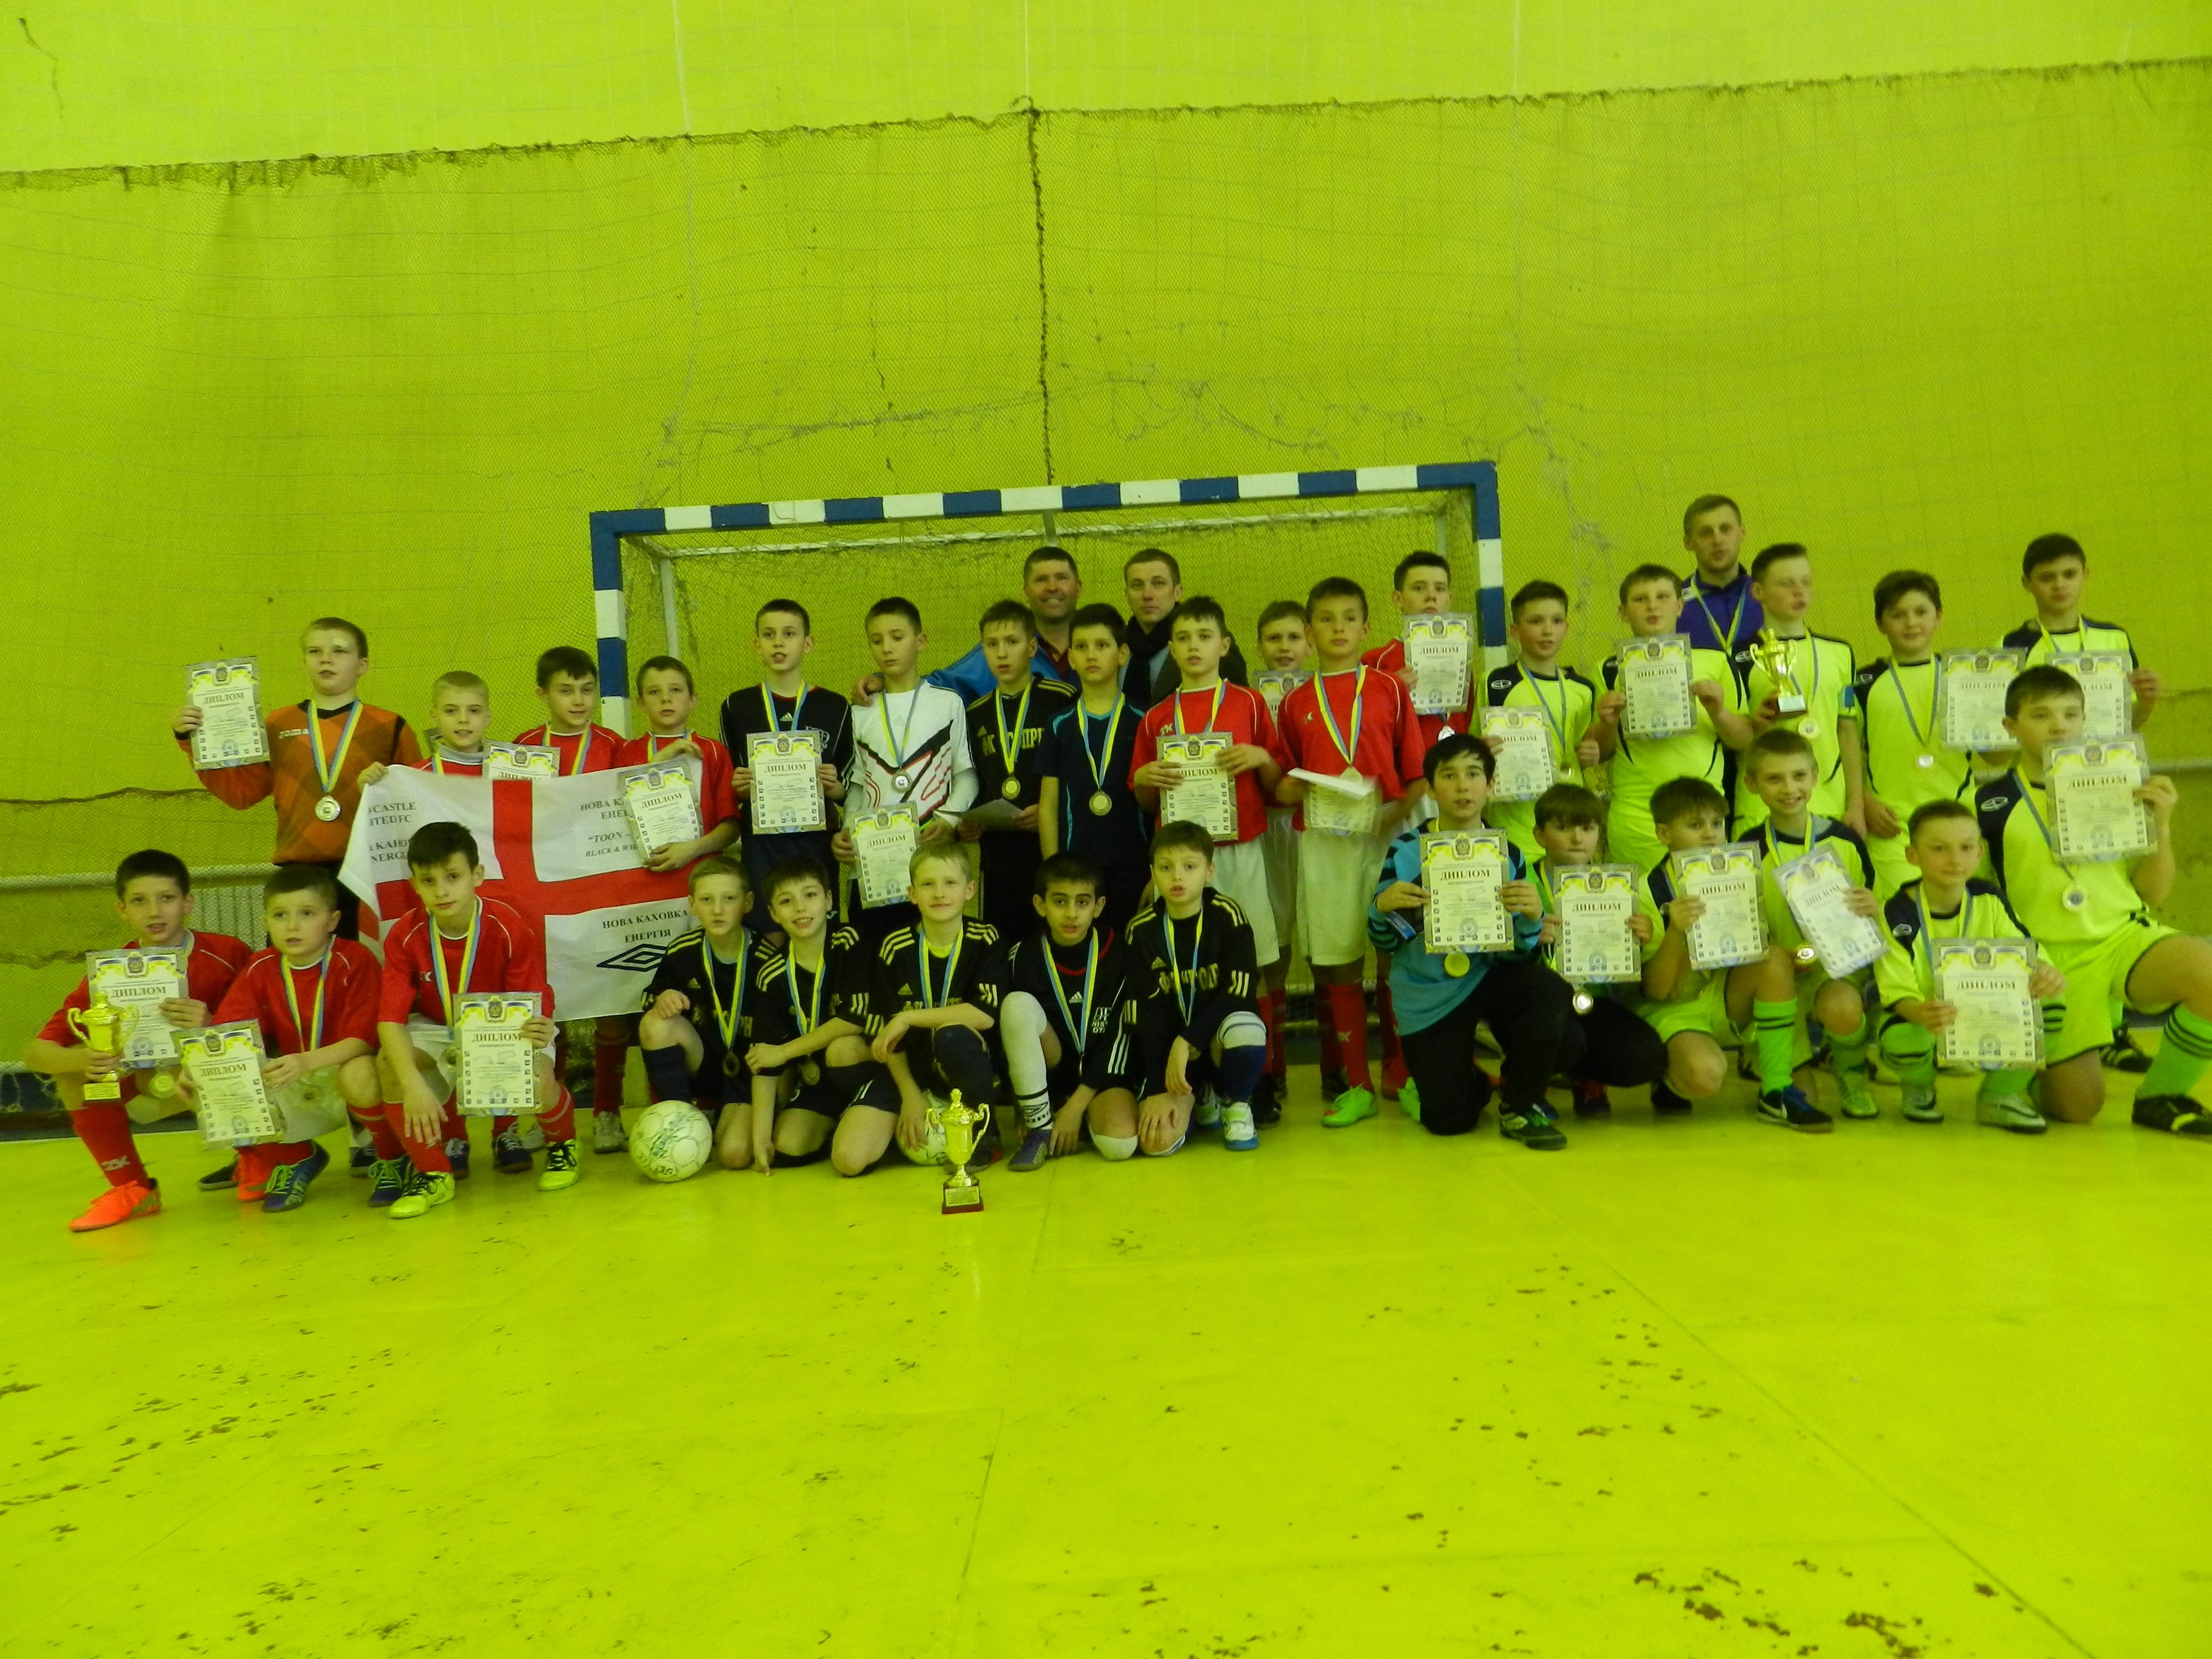 Бериславська «Освіта» отримала золото у фінальних змаганнях ІІІ етапу чемпіонату Херсонської області з футзалу сезону 2015/2016 років серед команд юнаків 2004/2005 рр.н